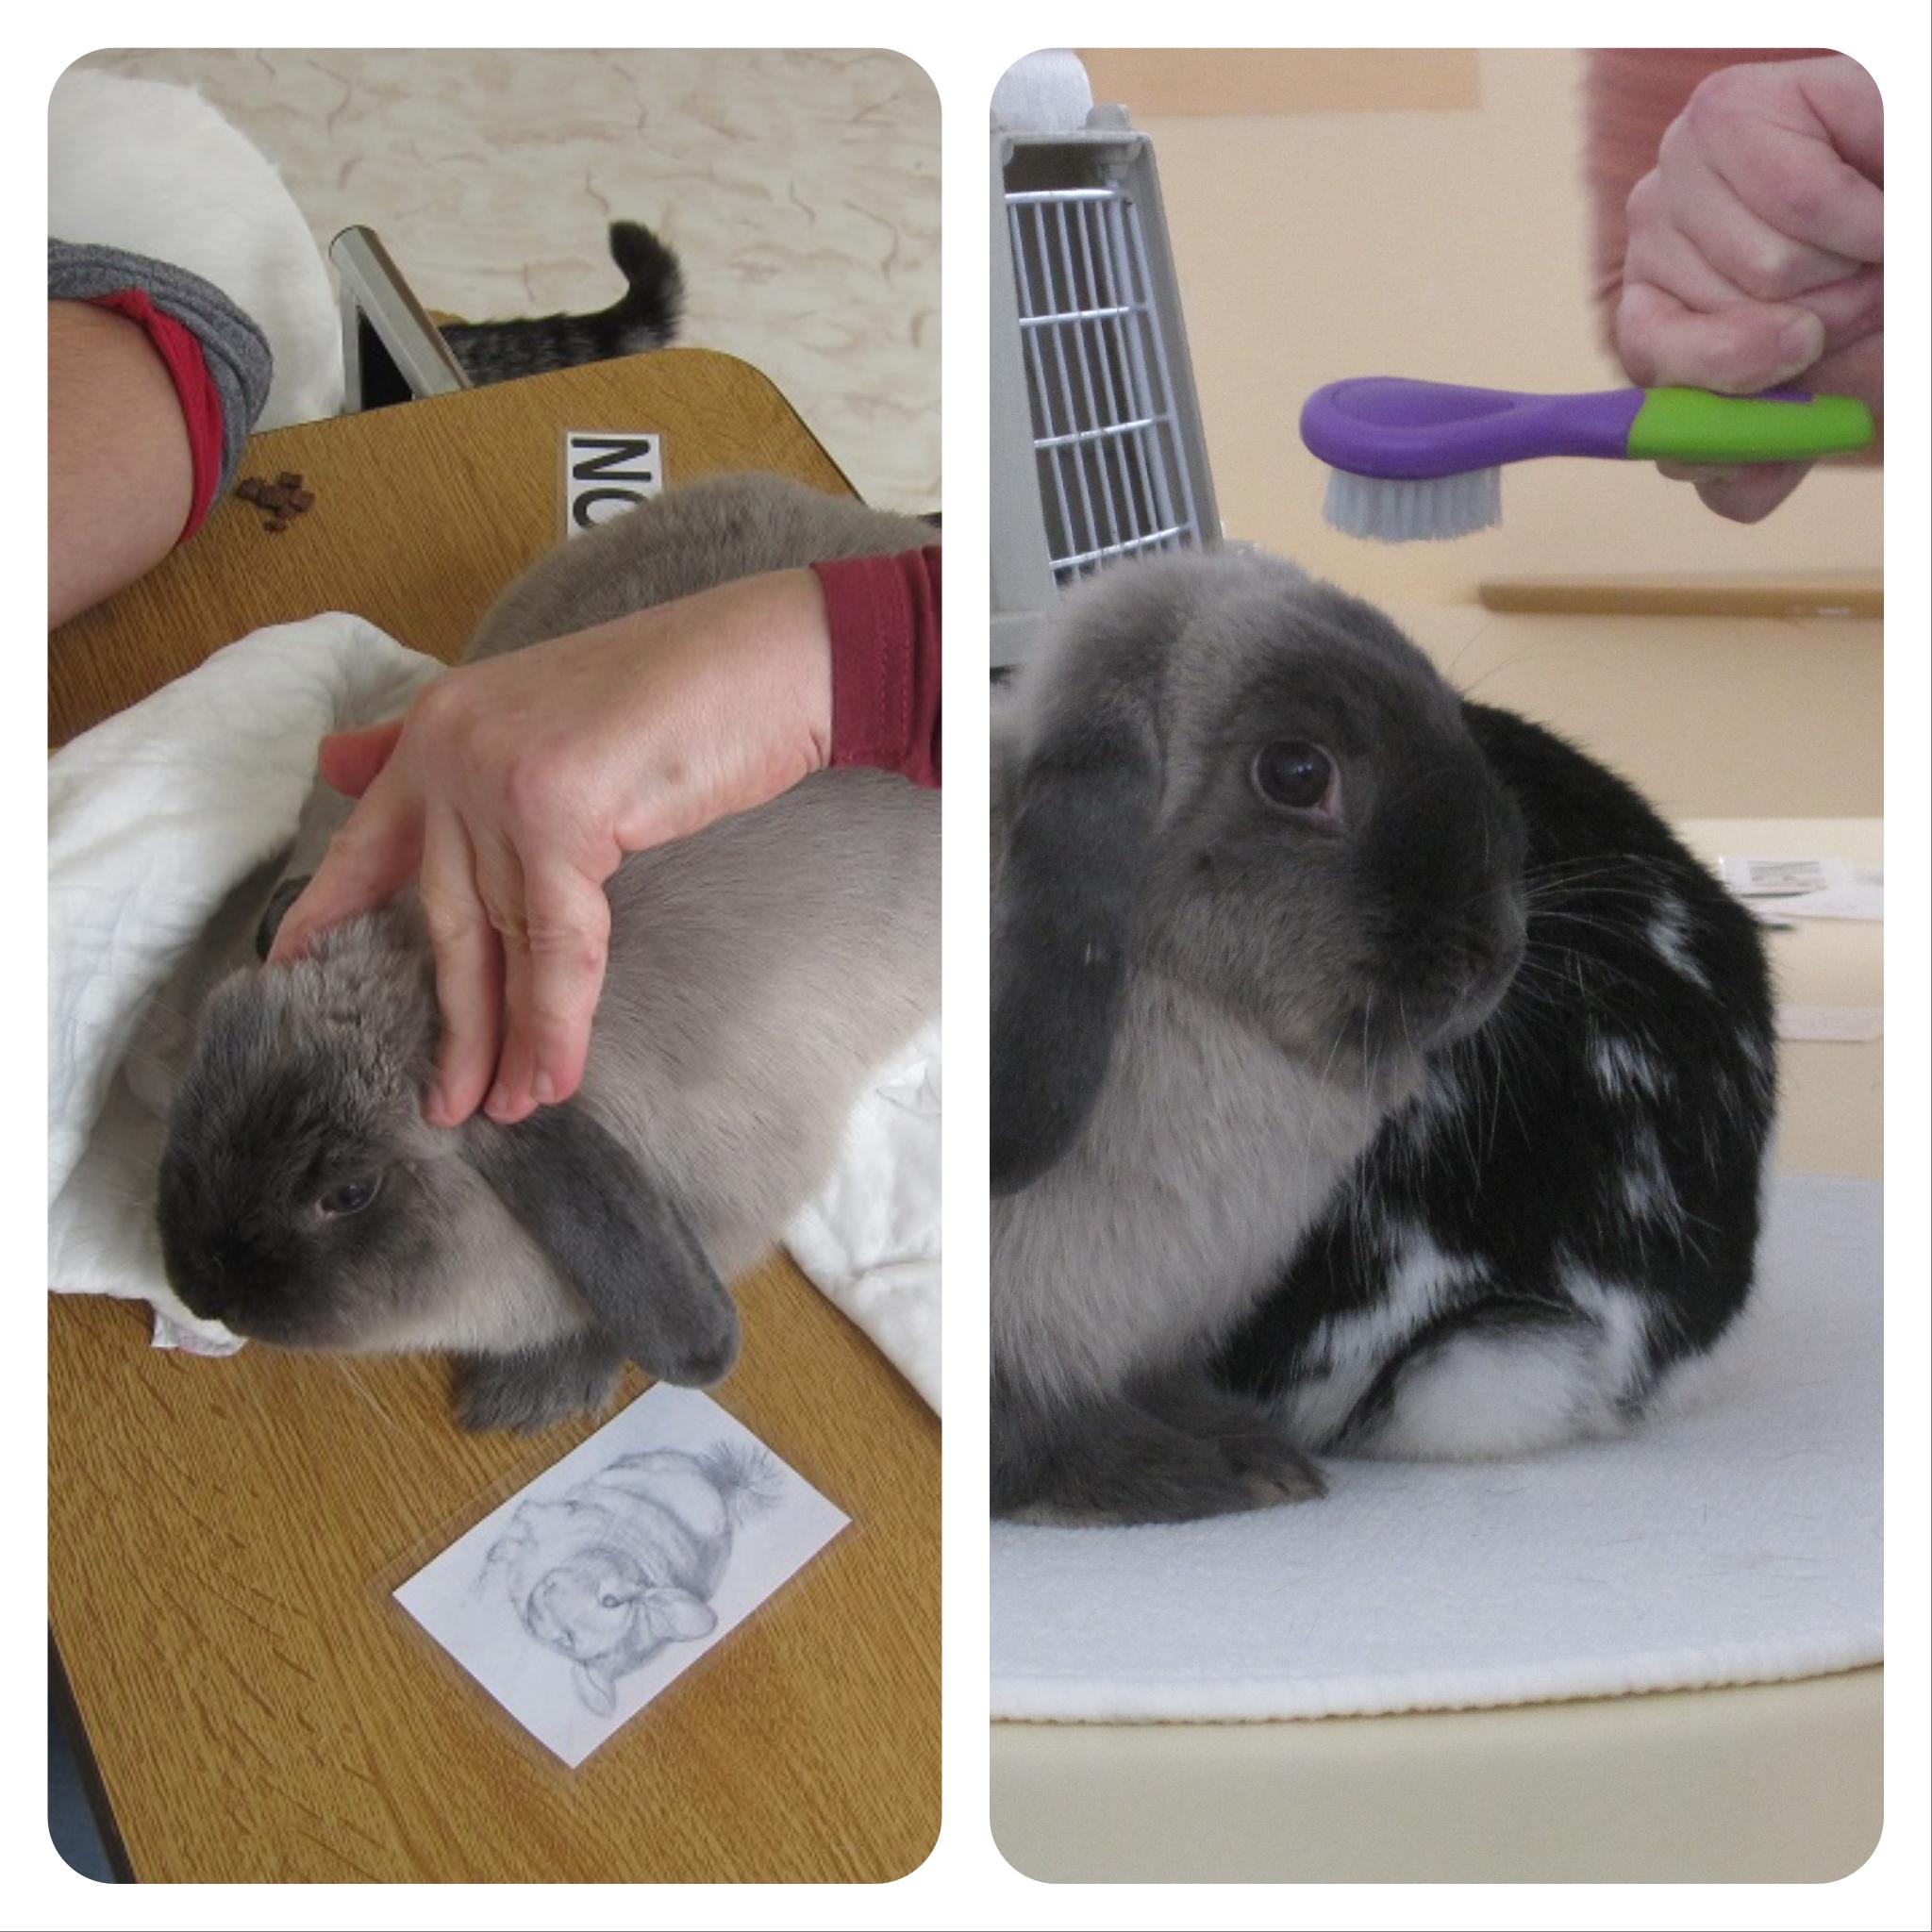 animaux séance médiation animale savy en équilibre stimulation praxique